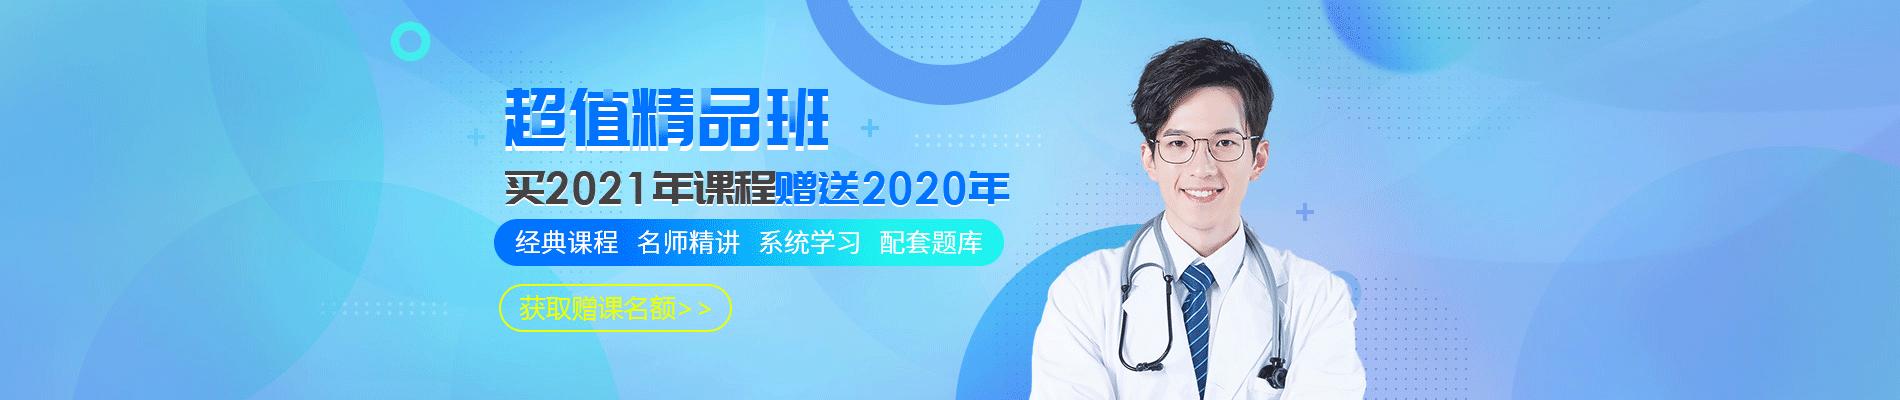 西医助理医师培训班